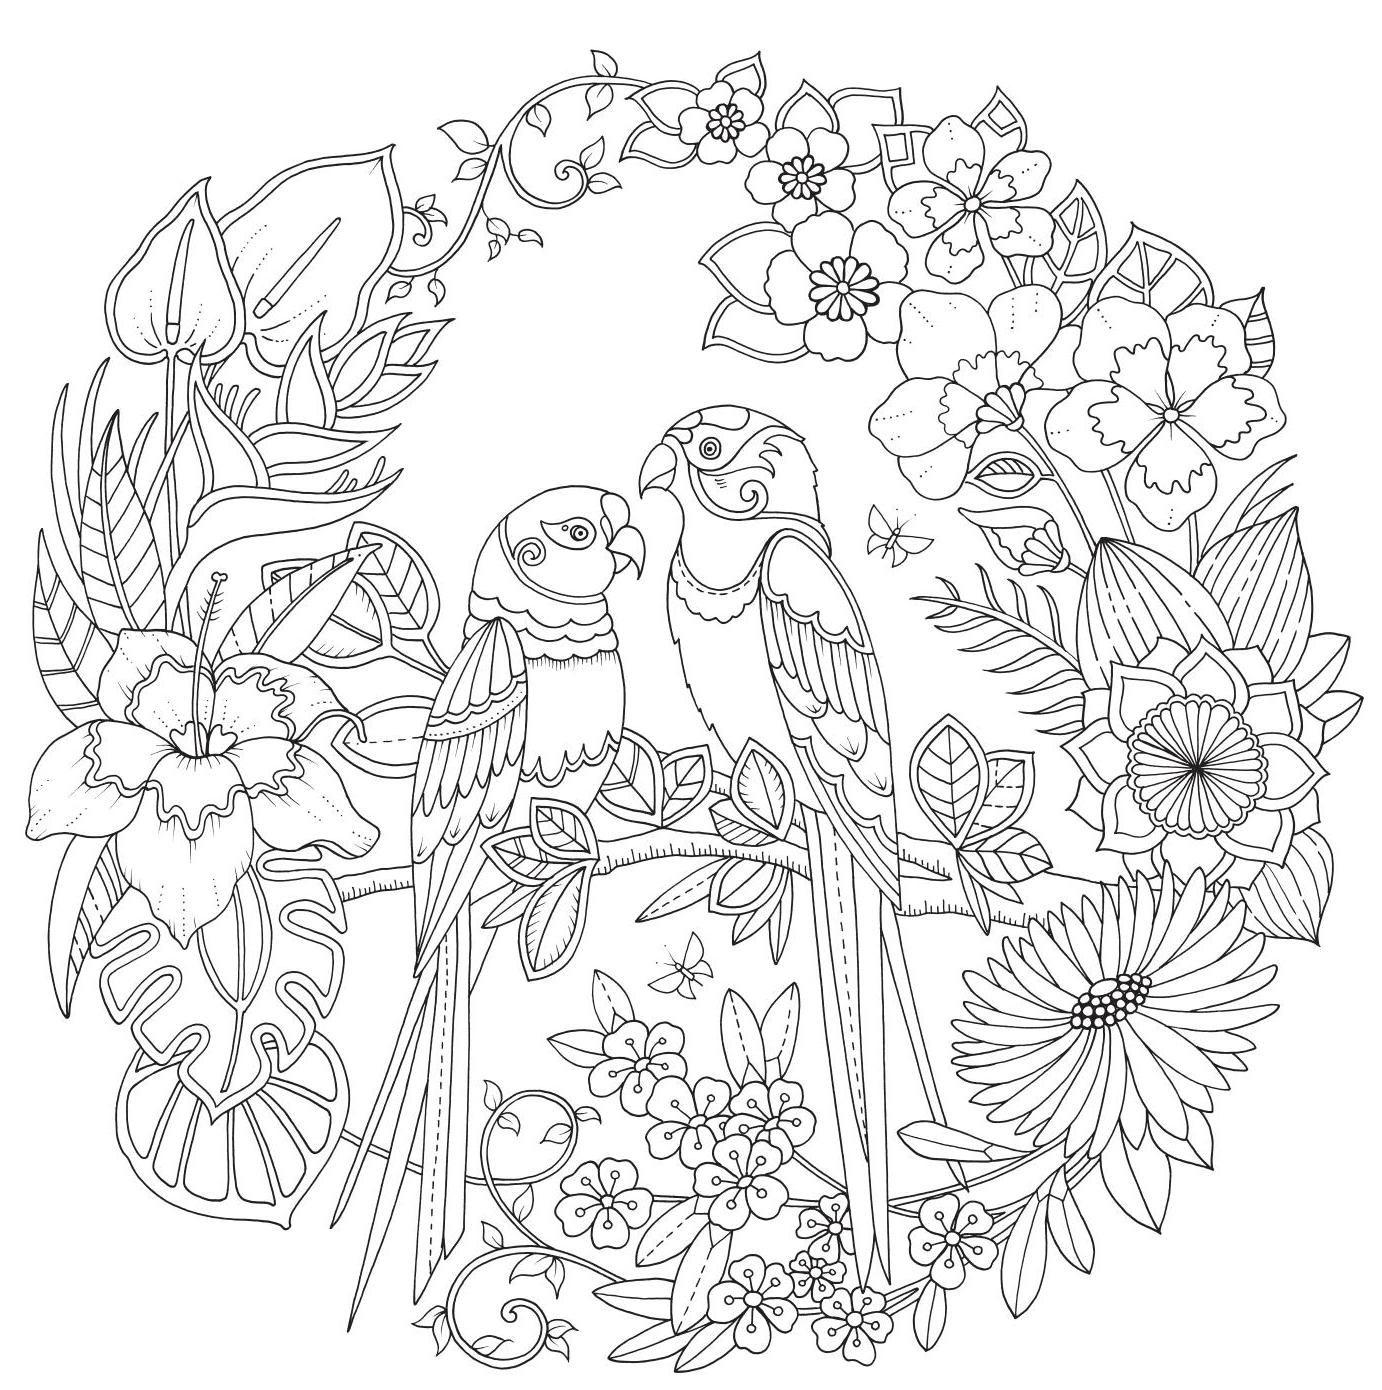 De Magie Van De Jungle Johanna Basford Mandala Kleurplaten Kleurplaten Bloem Kleurplaten